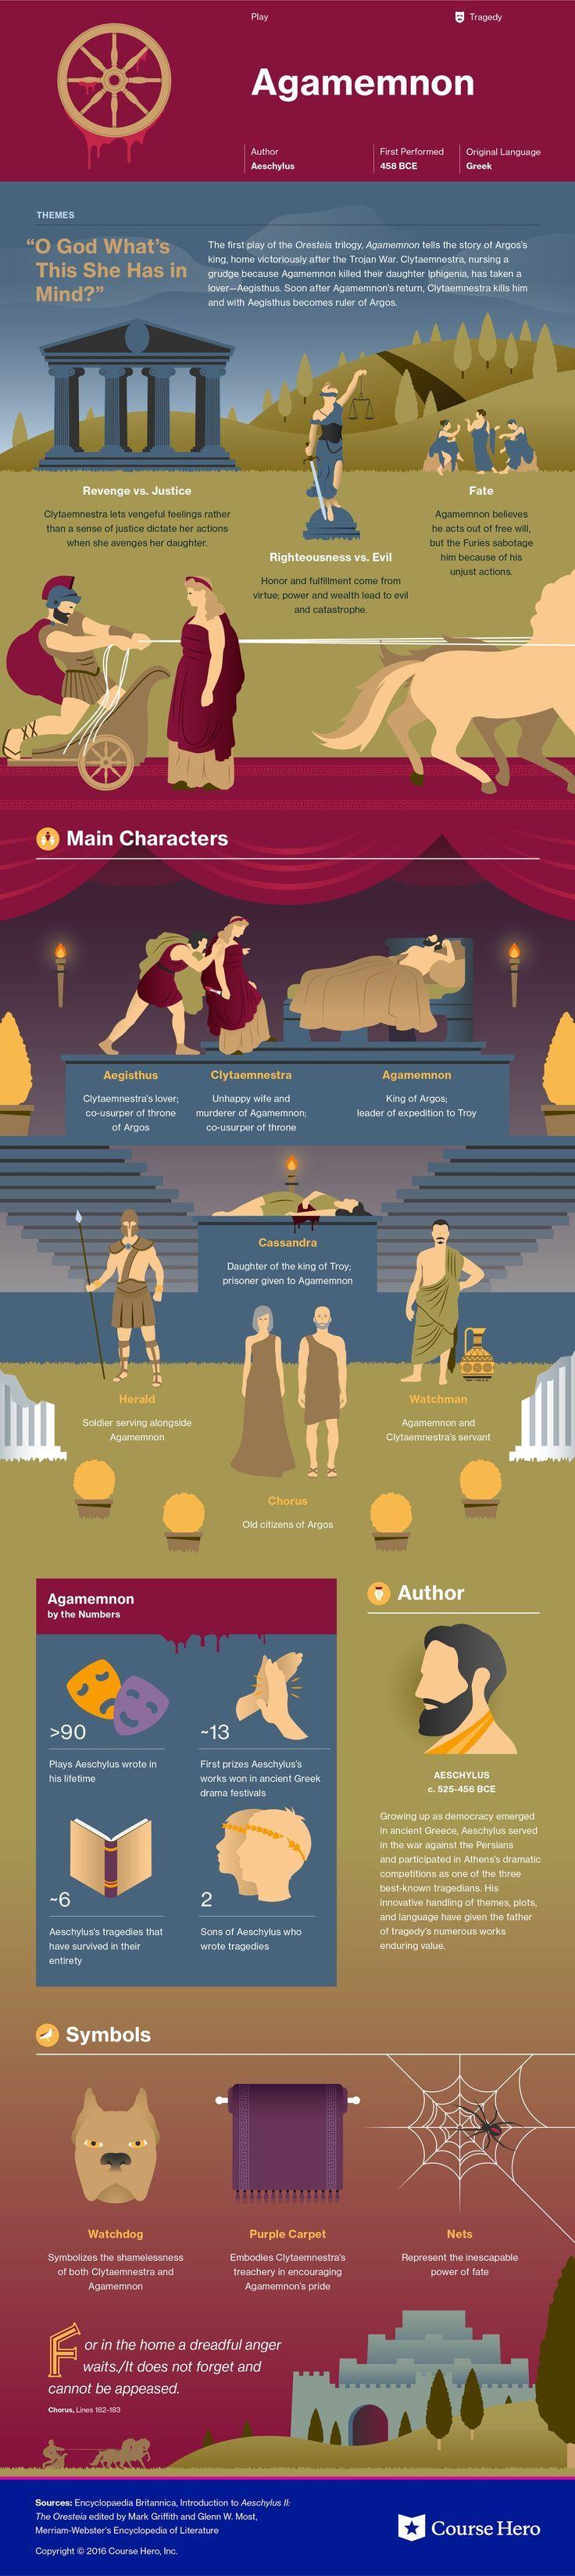 Electra Summary (Euripides) - eNotes.com